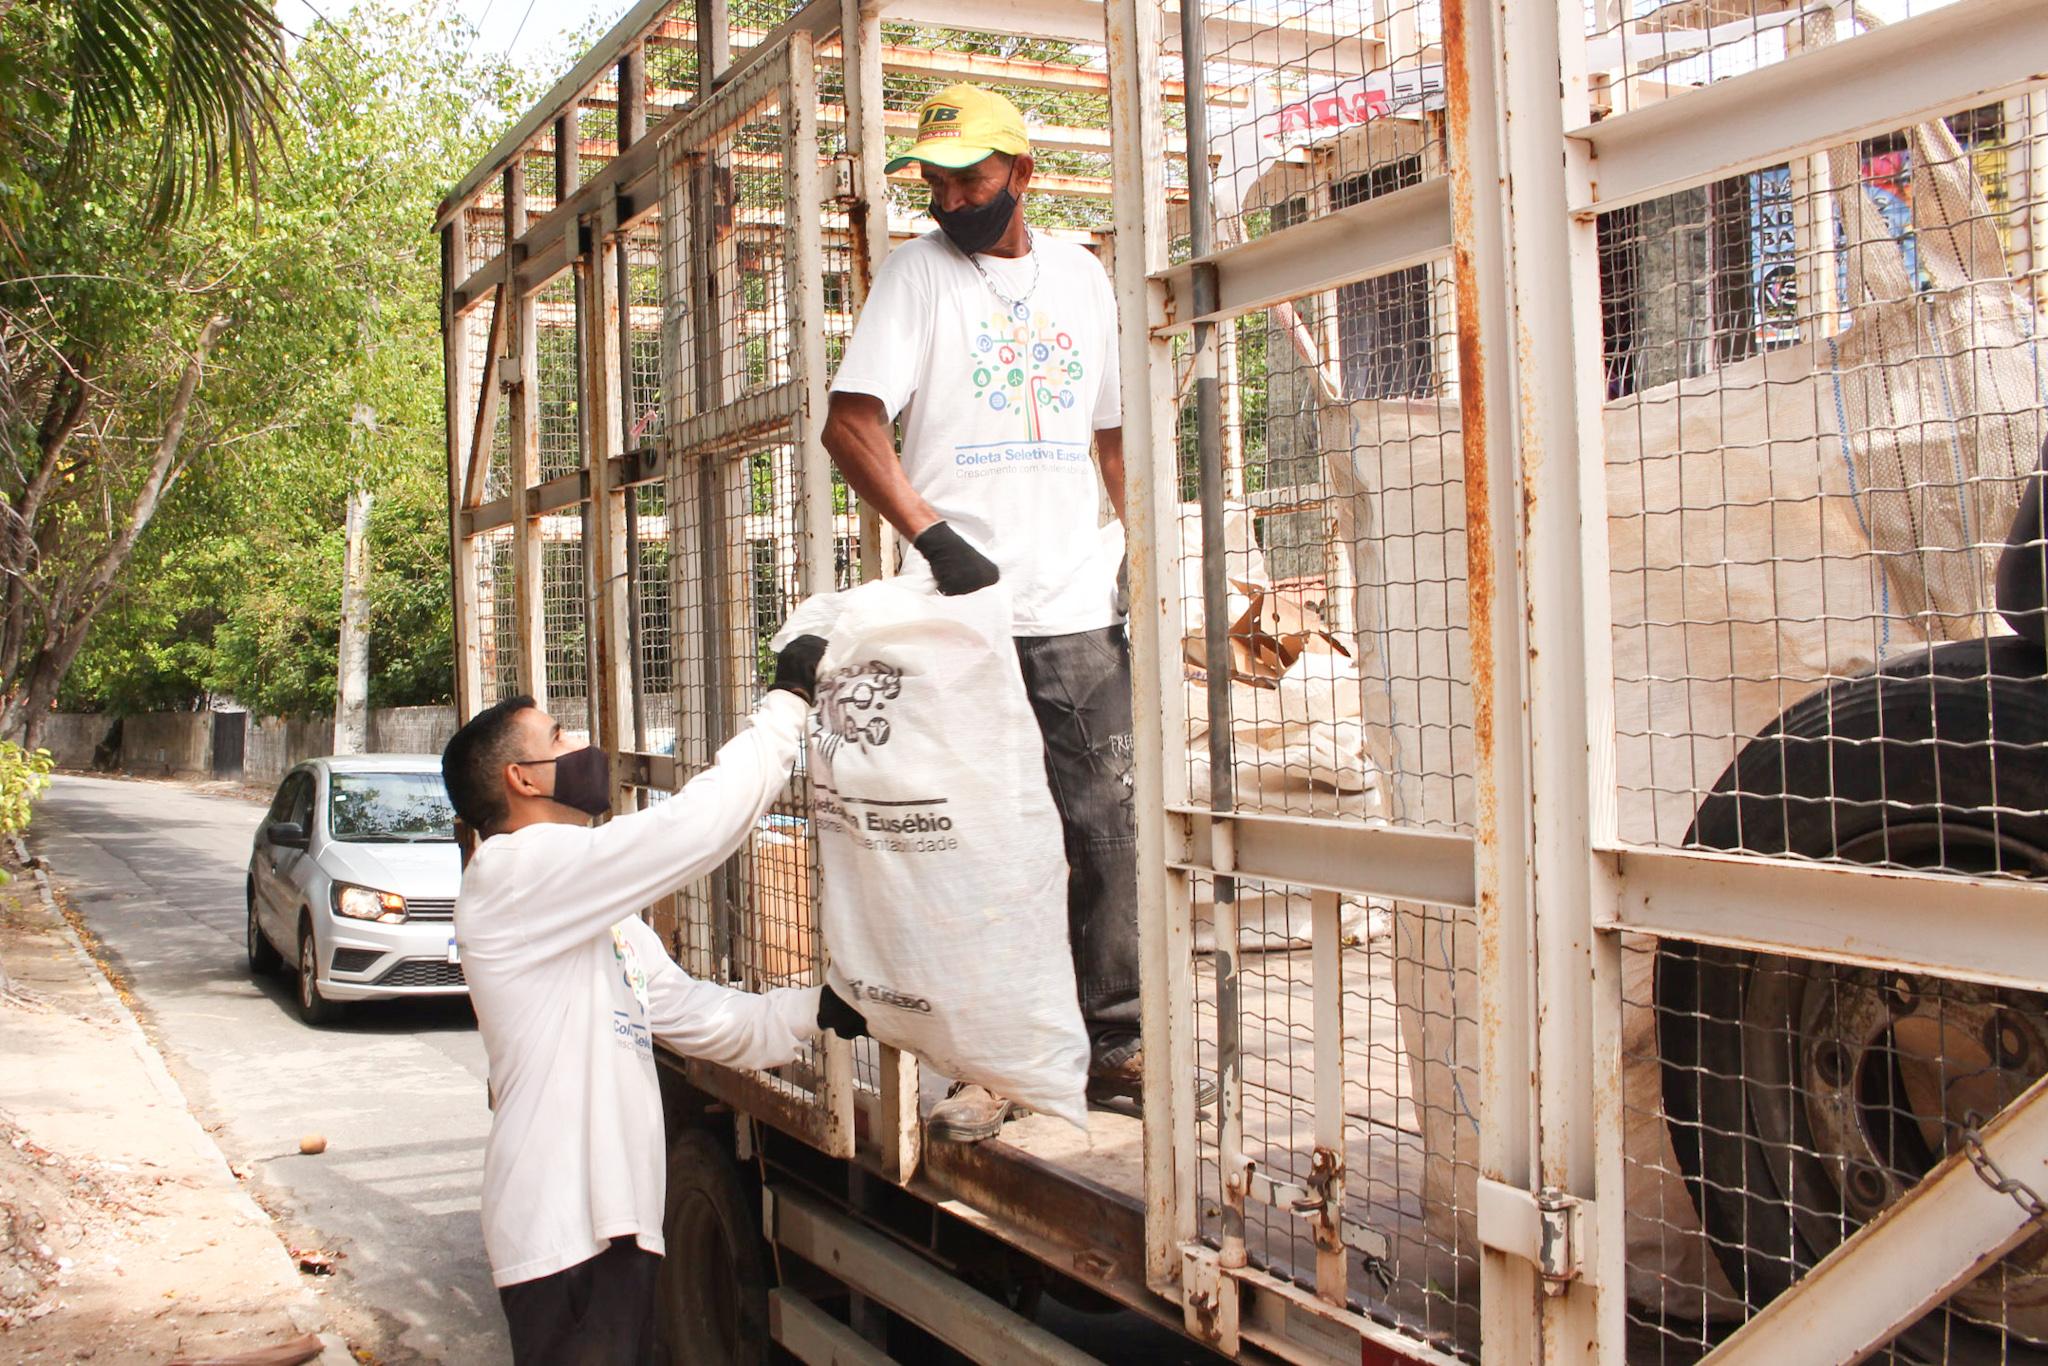 Pagamento do IPTU em dia beneficia projeto social  premiado e a manutenção da cidade de Eusébio